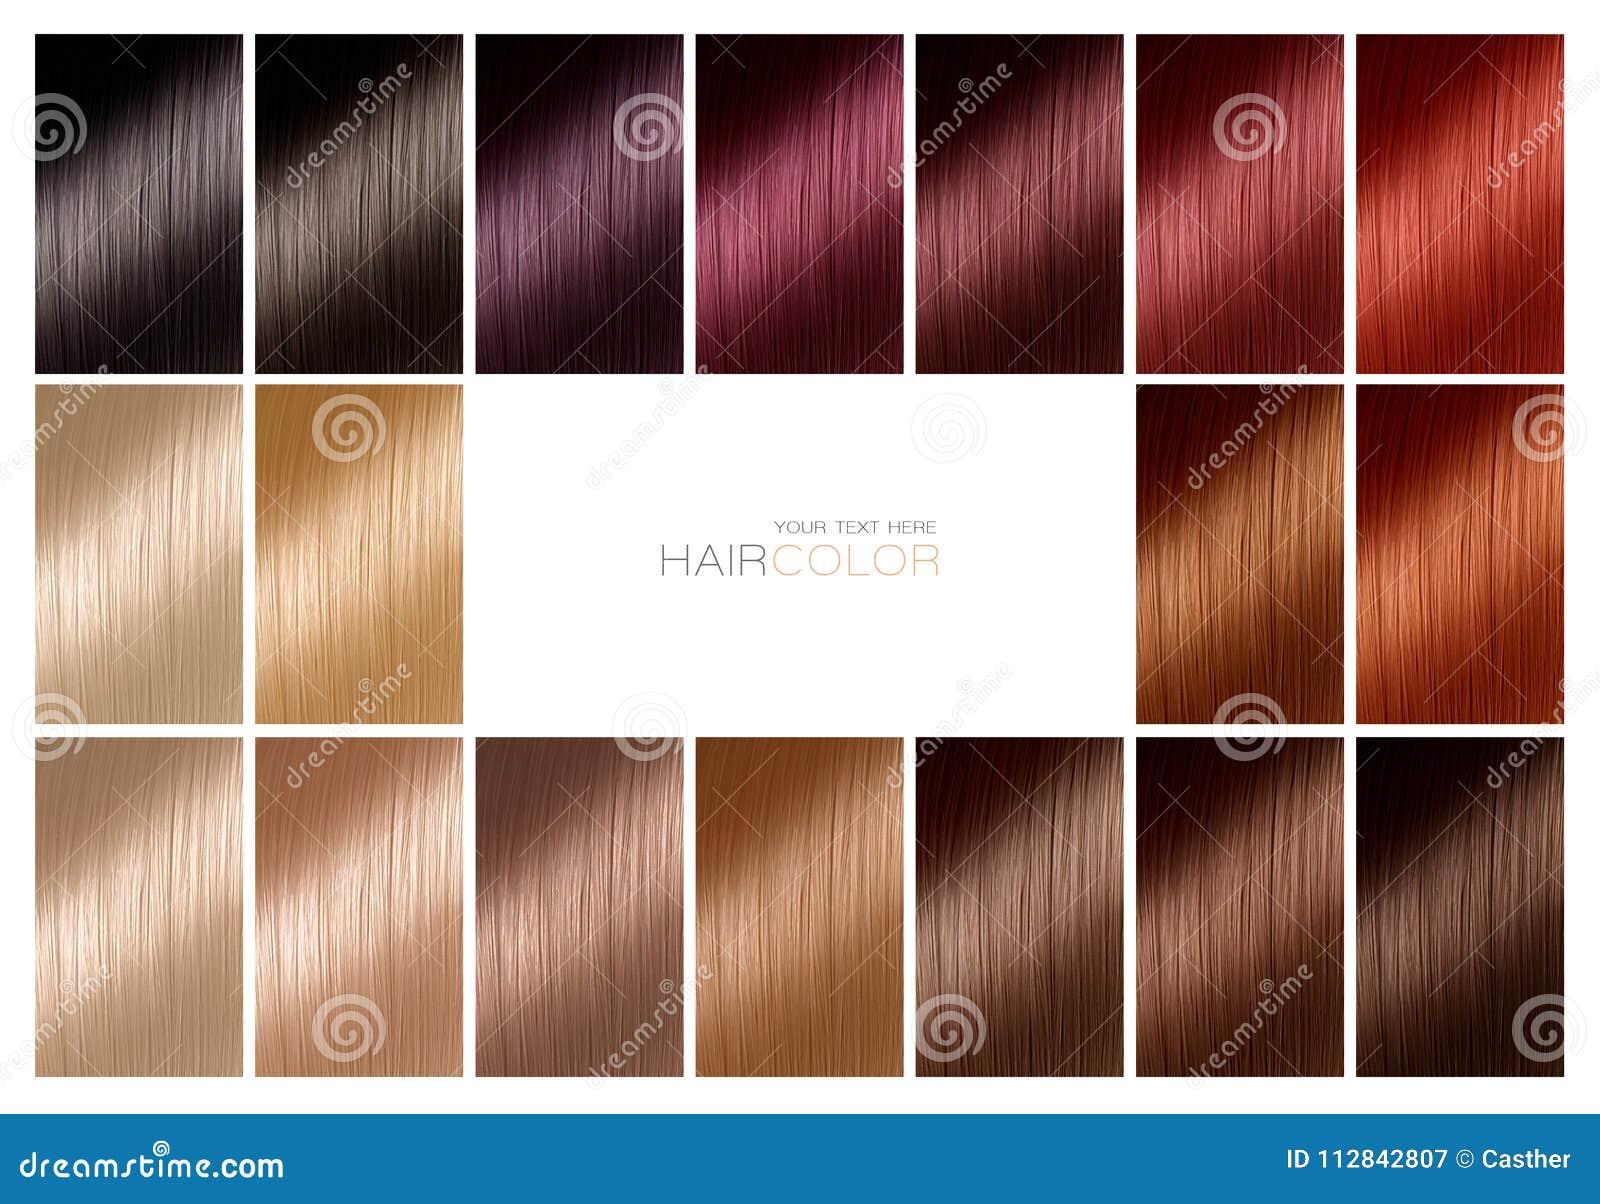 Differente couleur teinture pour cheveux